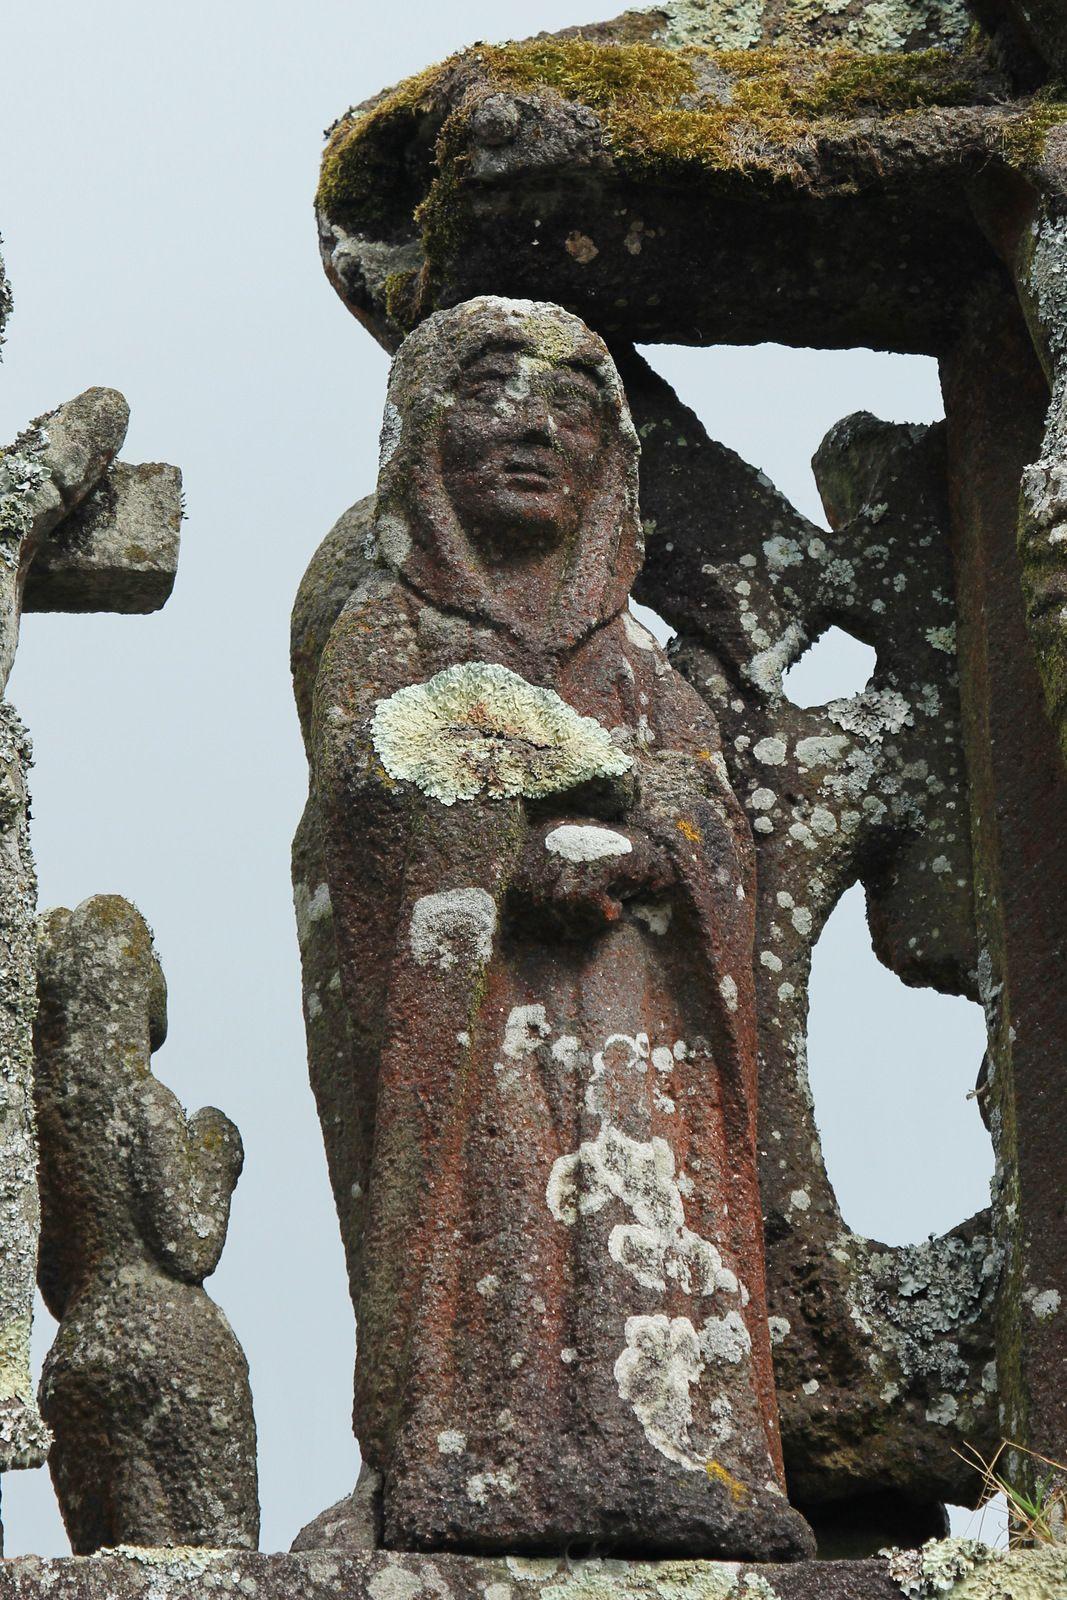 Calvaire (kersantite, XVe siècle) de l'église Notre-Dame de Châteaulin. Photographie lavieb-aile juillet 2020.